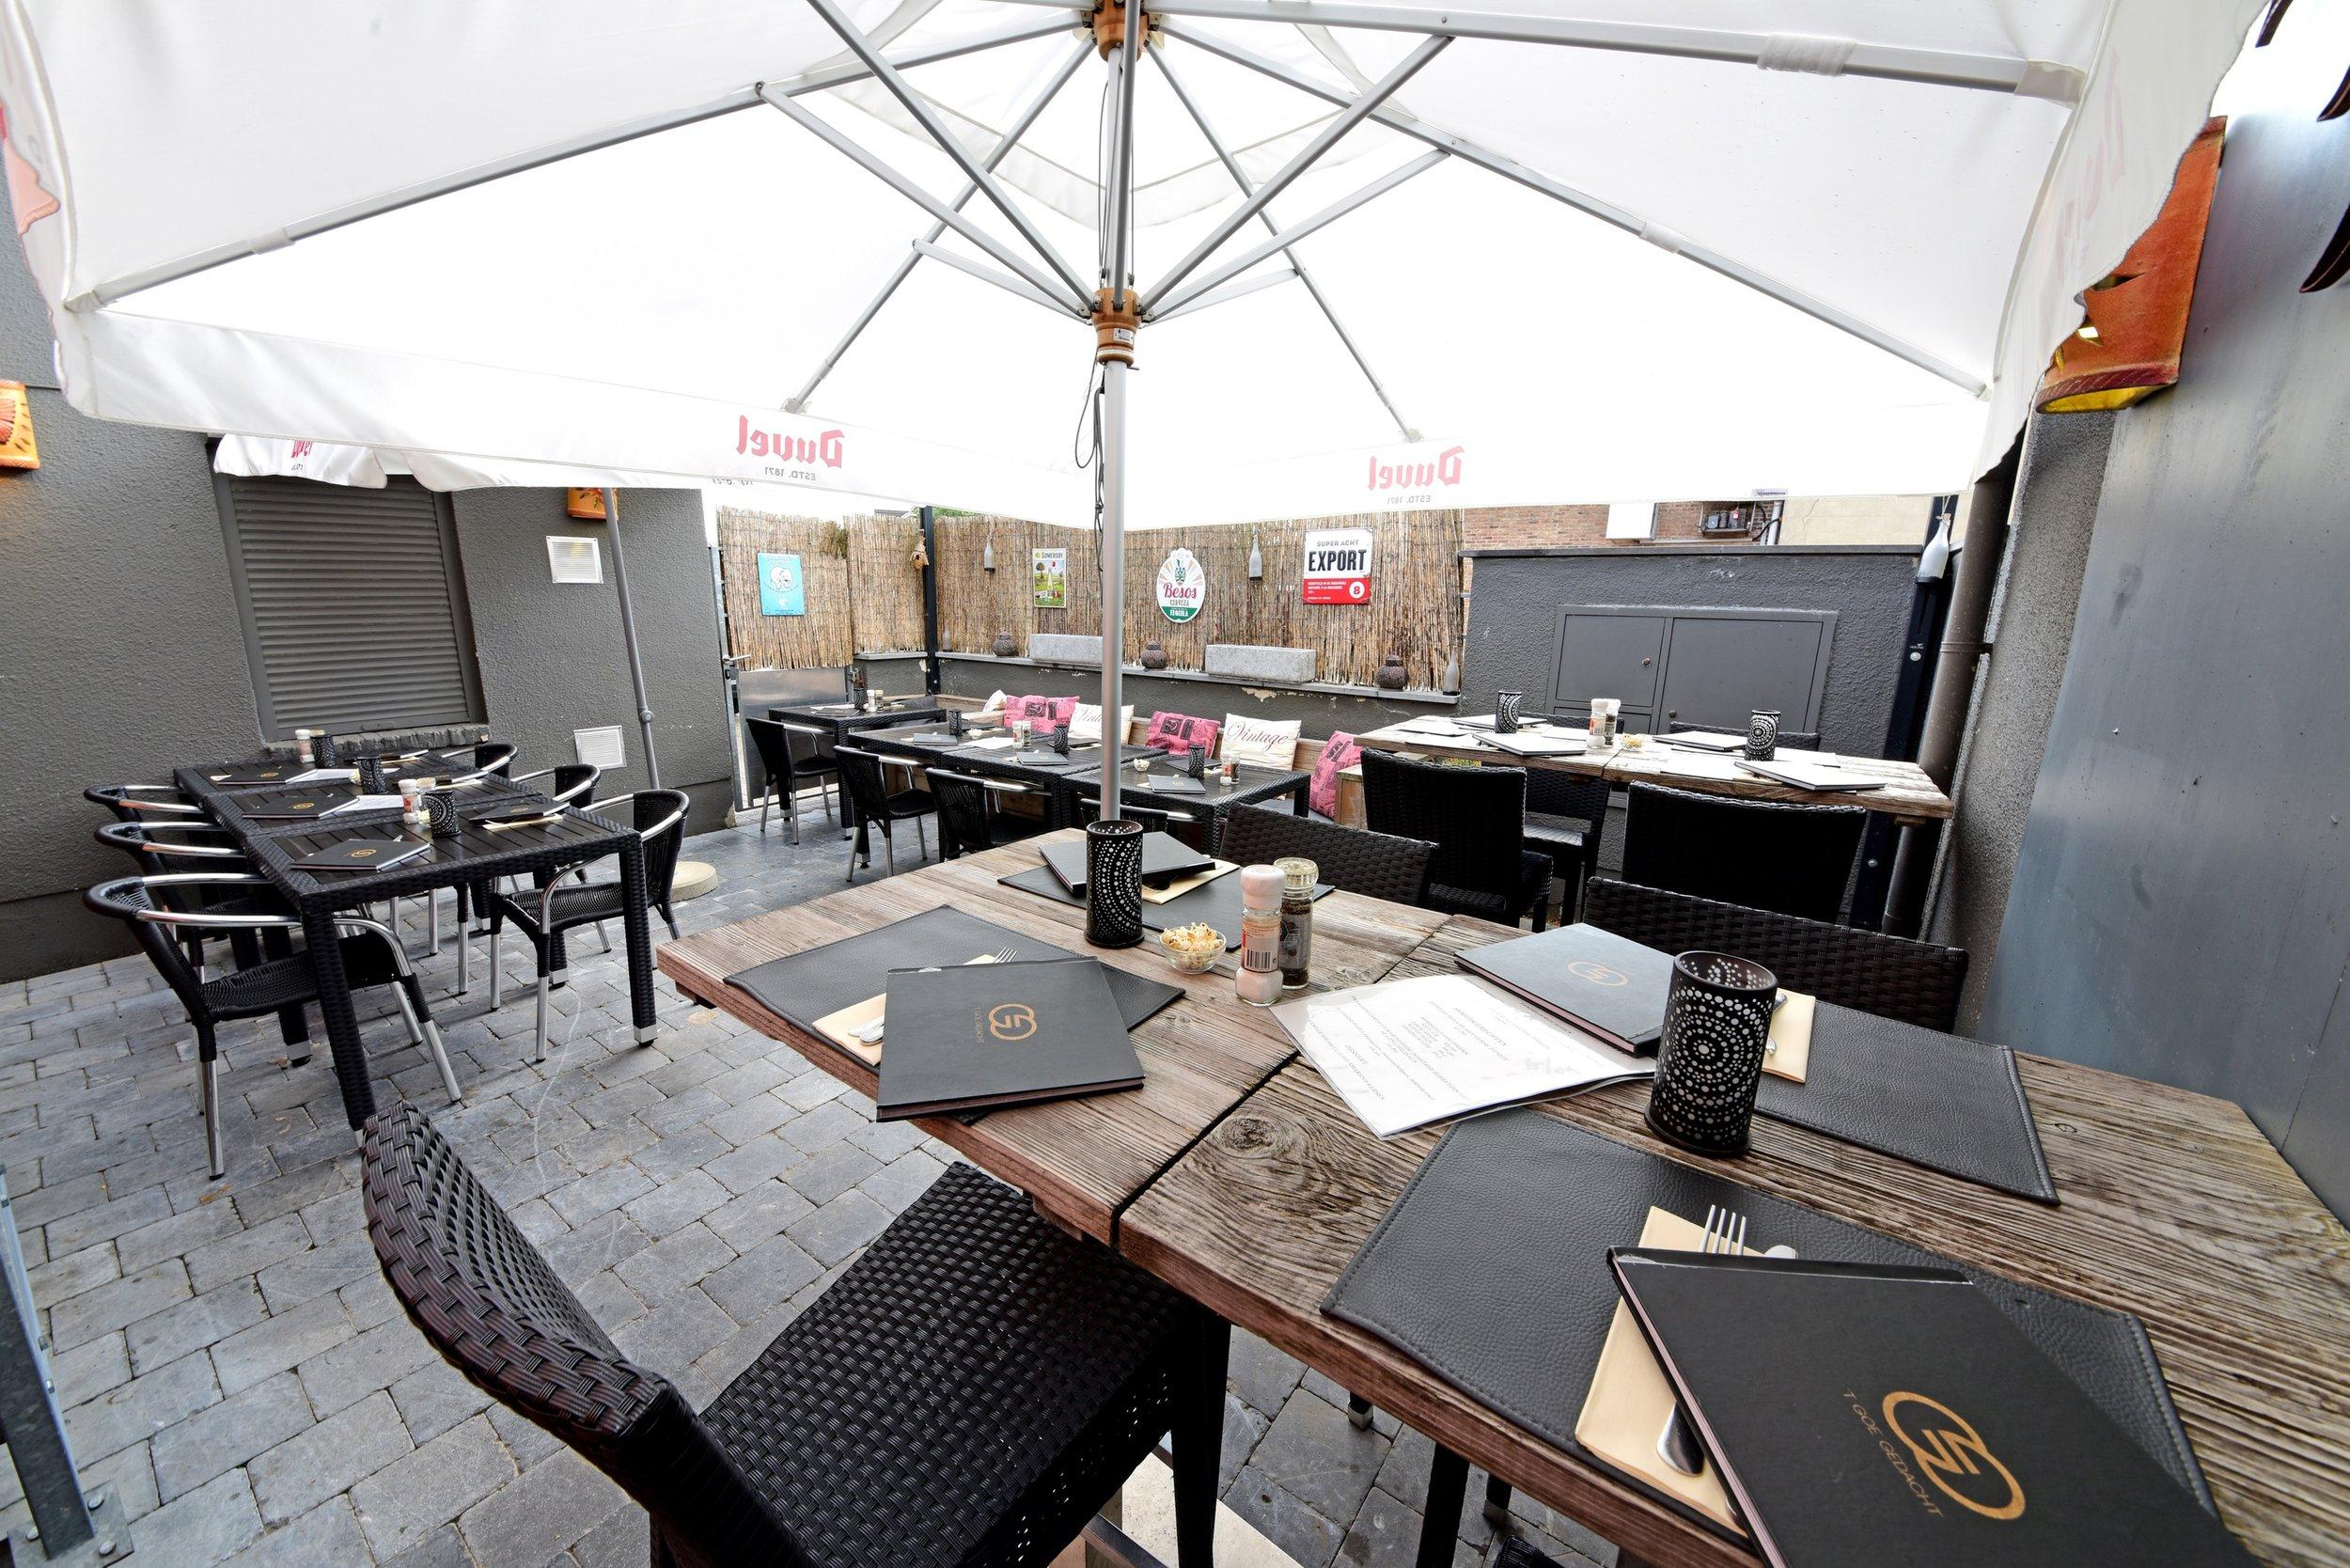 22 t goe gedacht haacht leuven restaurant brasserie bart albrecht fotograaf culinair food huwelijks tablefever.jpeg